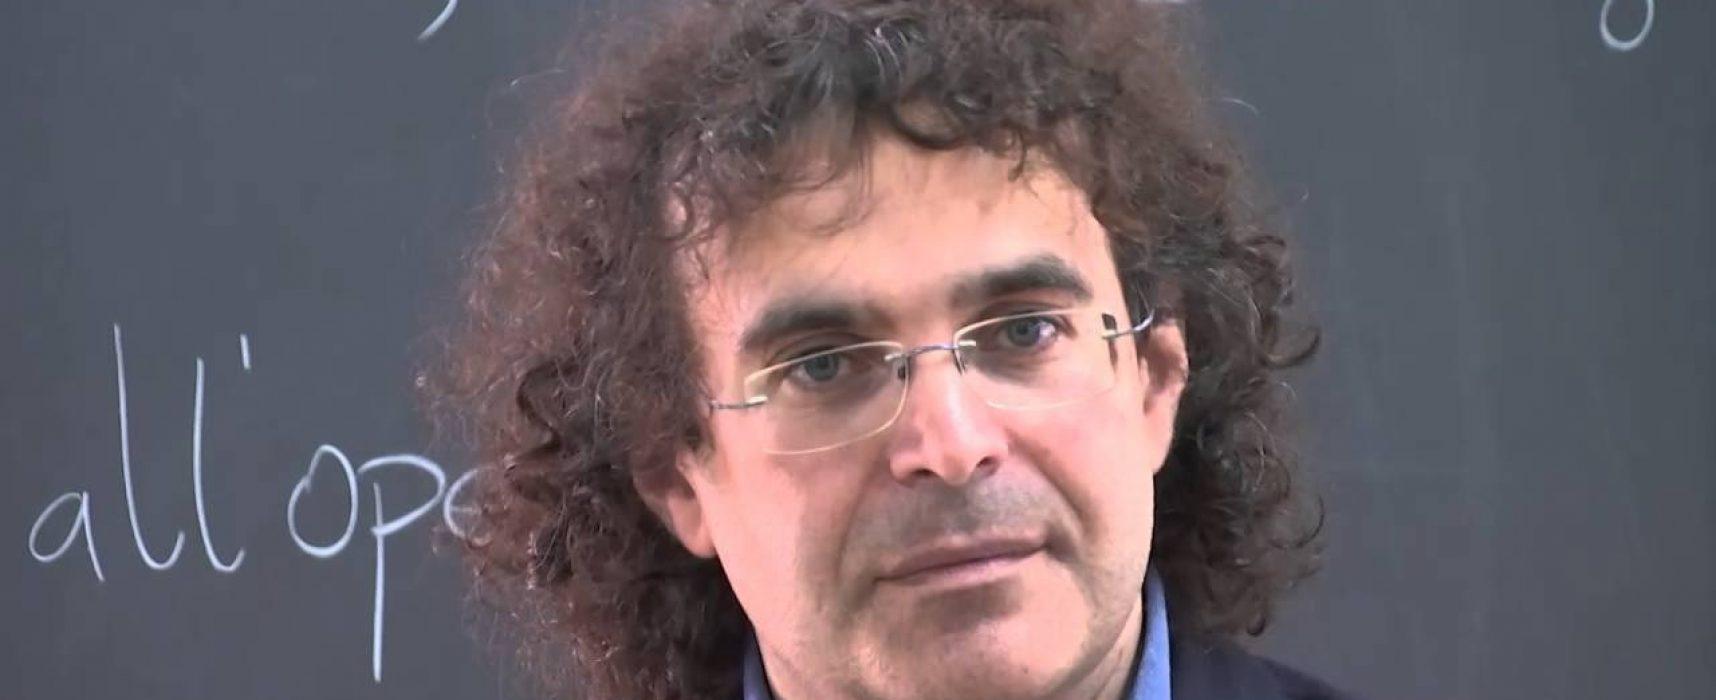 Il musicologo Giovanni Cassanelli domani al Circolo Unione per parlare di Domenico Cimarosa